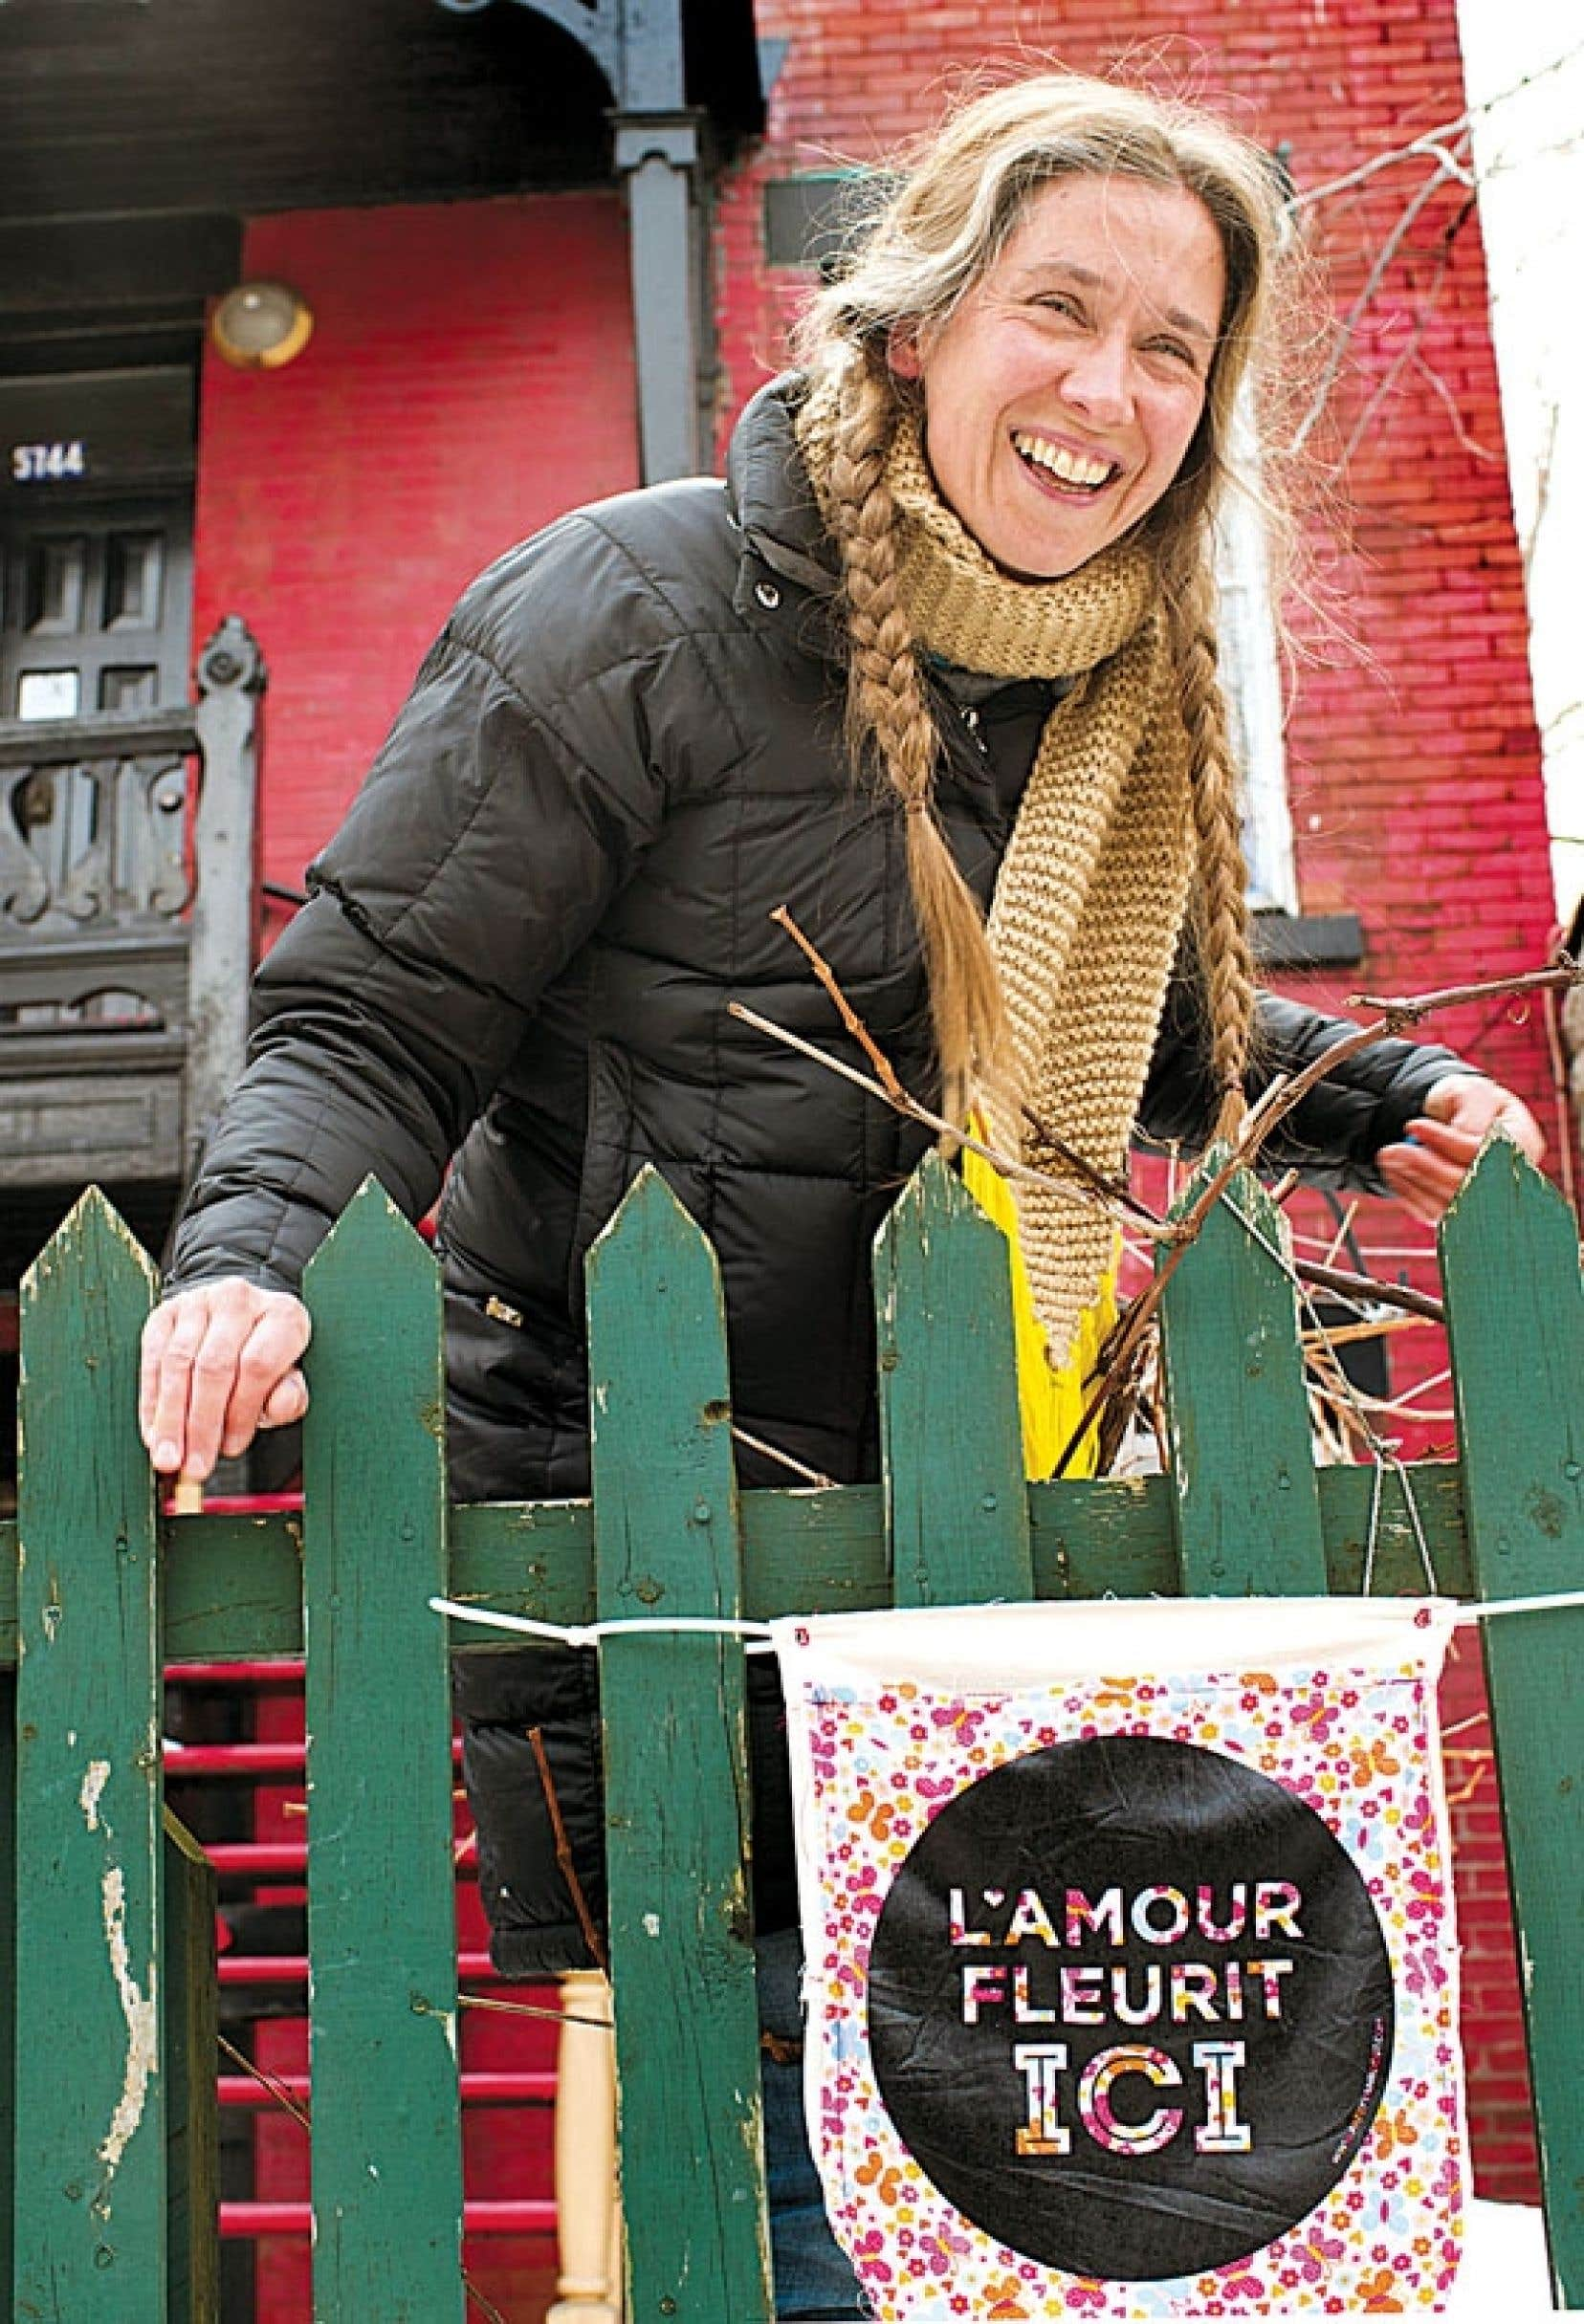 <div> La f&eacute;e du Mile-End, l&rsquo;artiste Patsy Van Roost, c&eacute;l&egrave;bre la Saint-Valentin en mode communautaire, en invitant les citoyens du quartier &agrave; partager leurs recettes de l&rsquo;amour, qu&rsquo;elle s&egrave;me ensuite dans tout le quartier, avec son projet L&rsquo;amour fleurit ici.</div>